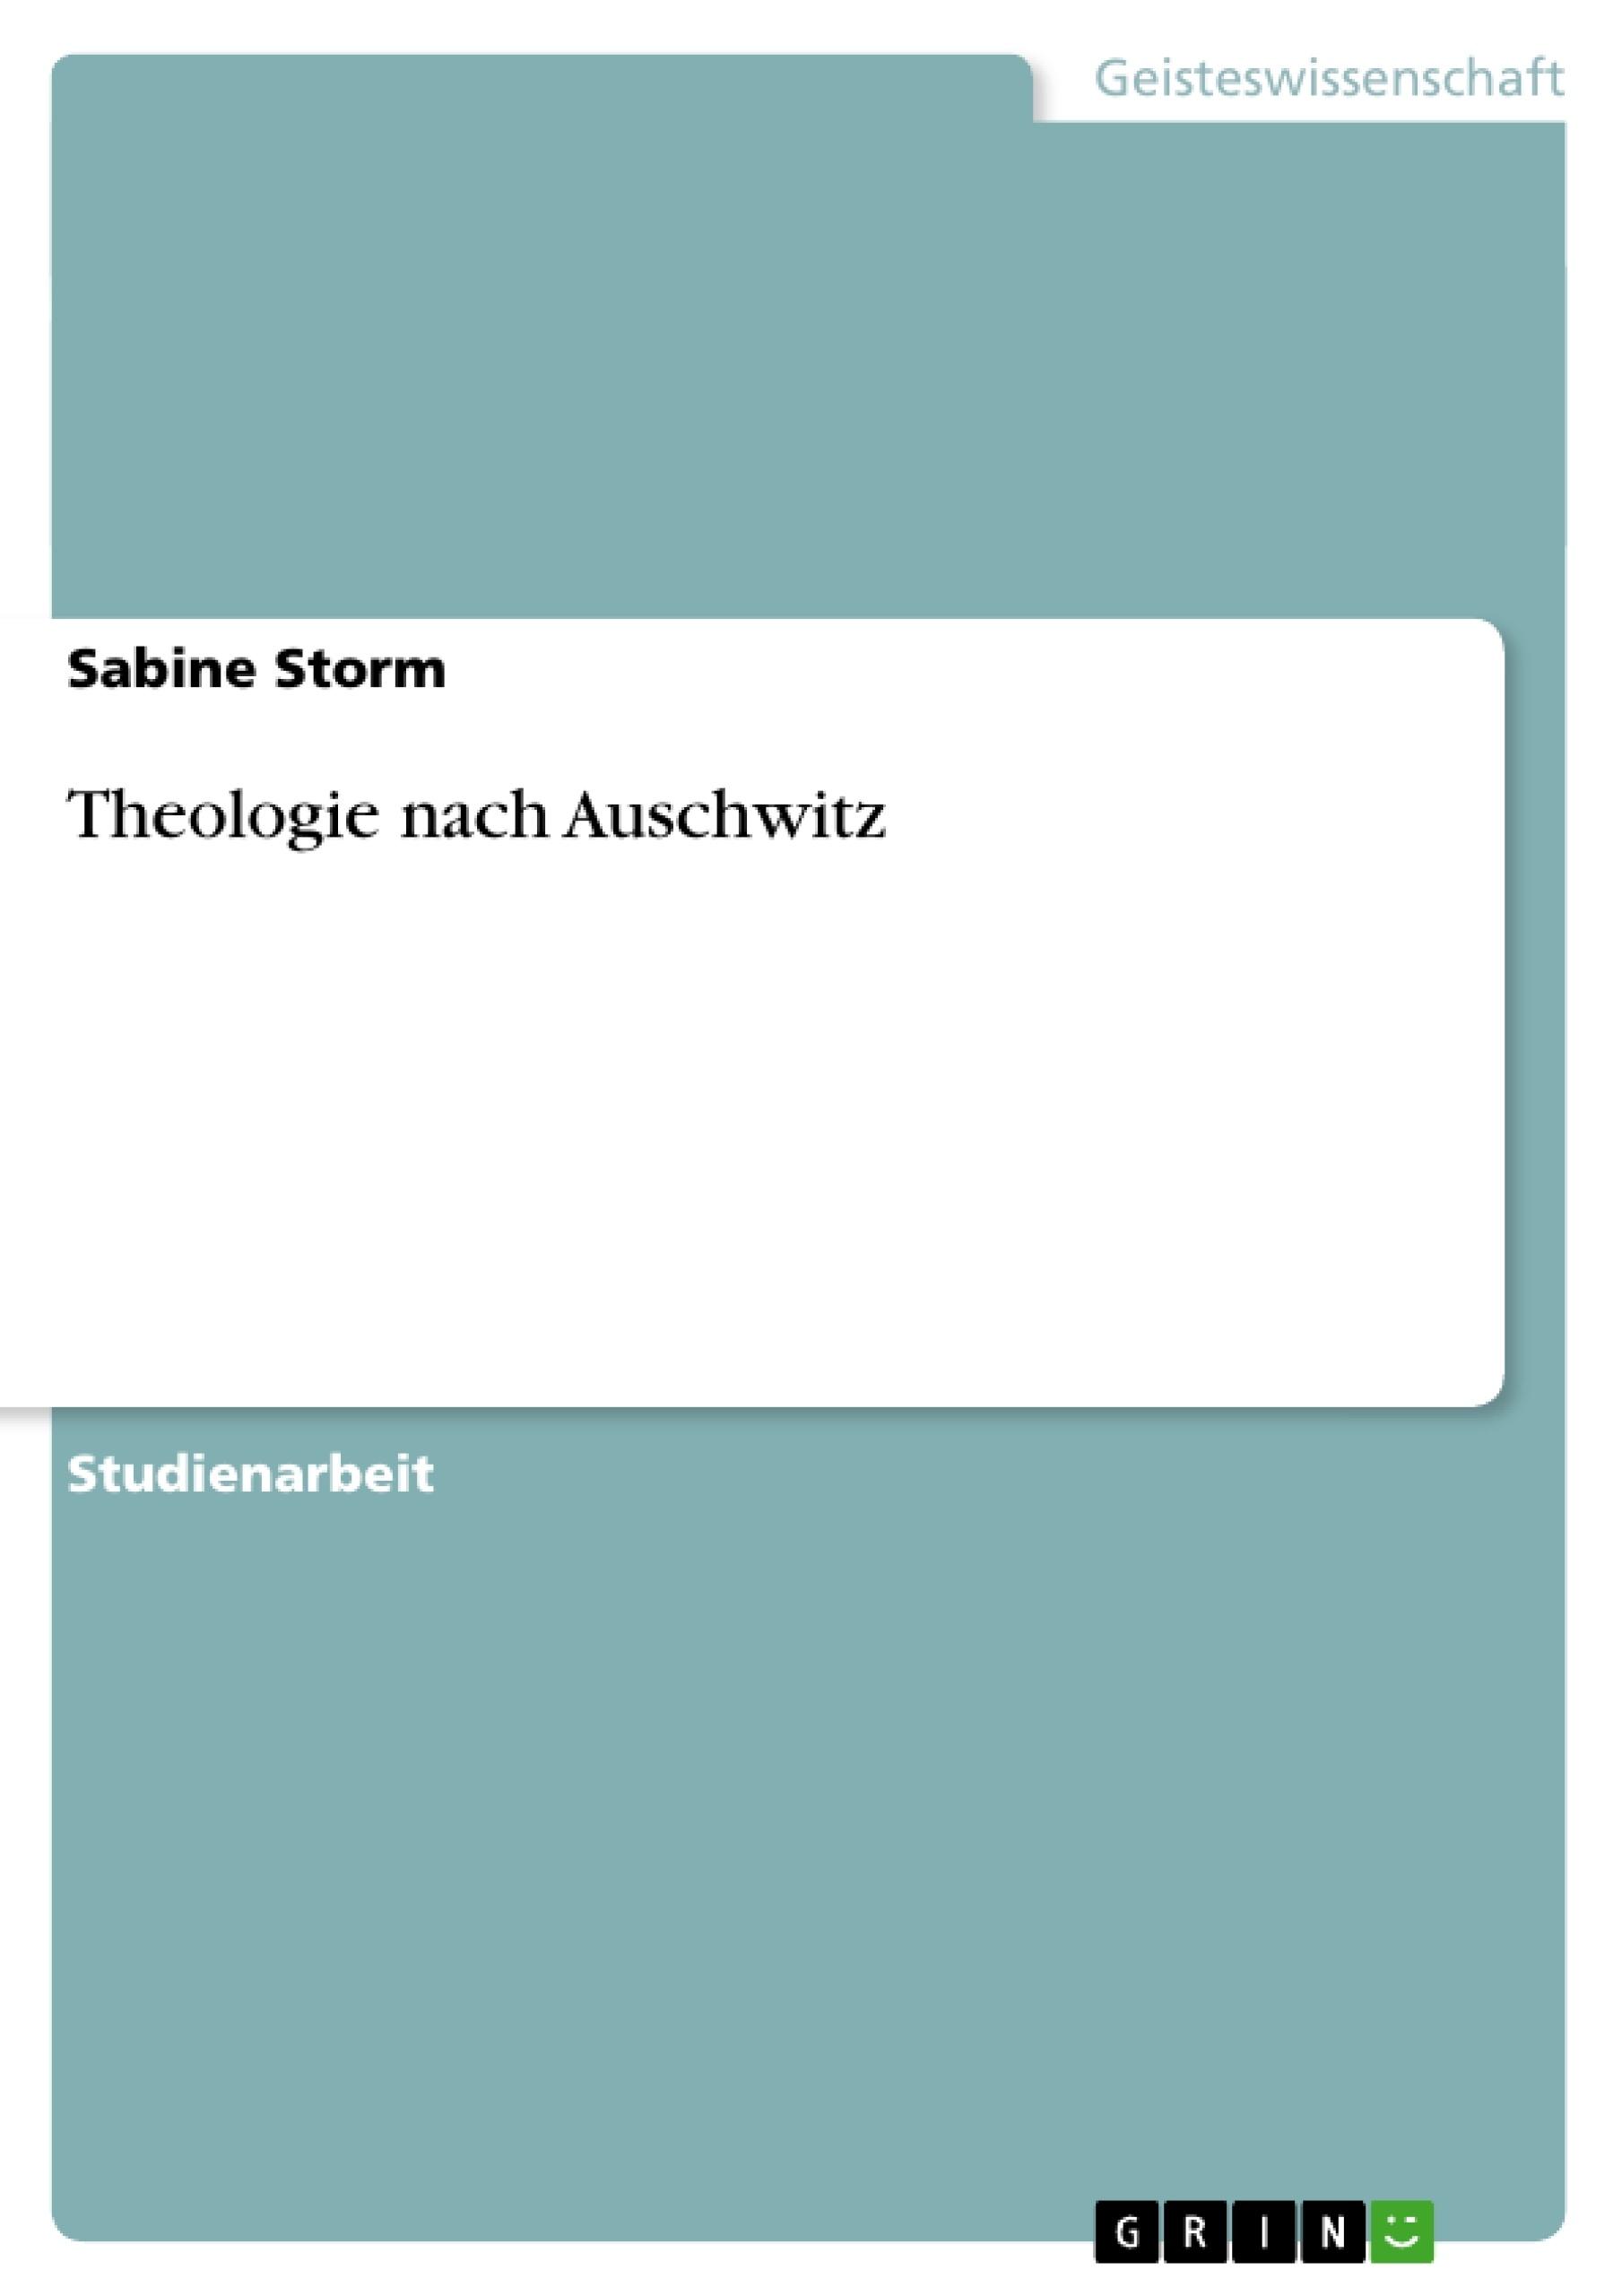 Titel: Theologie nach Auschwitz